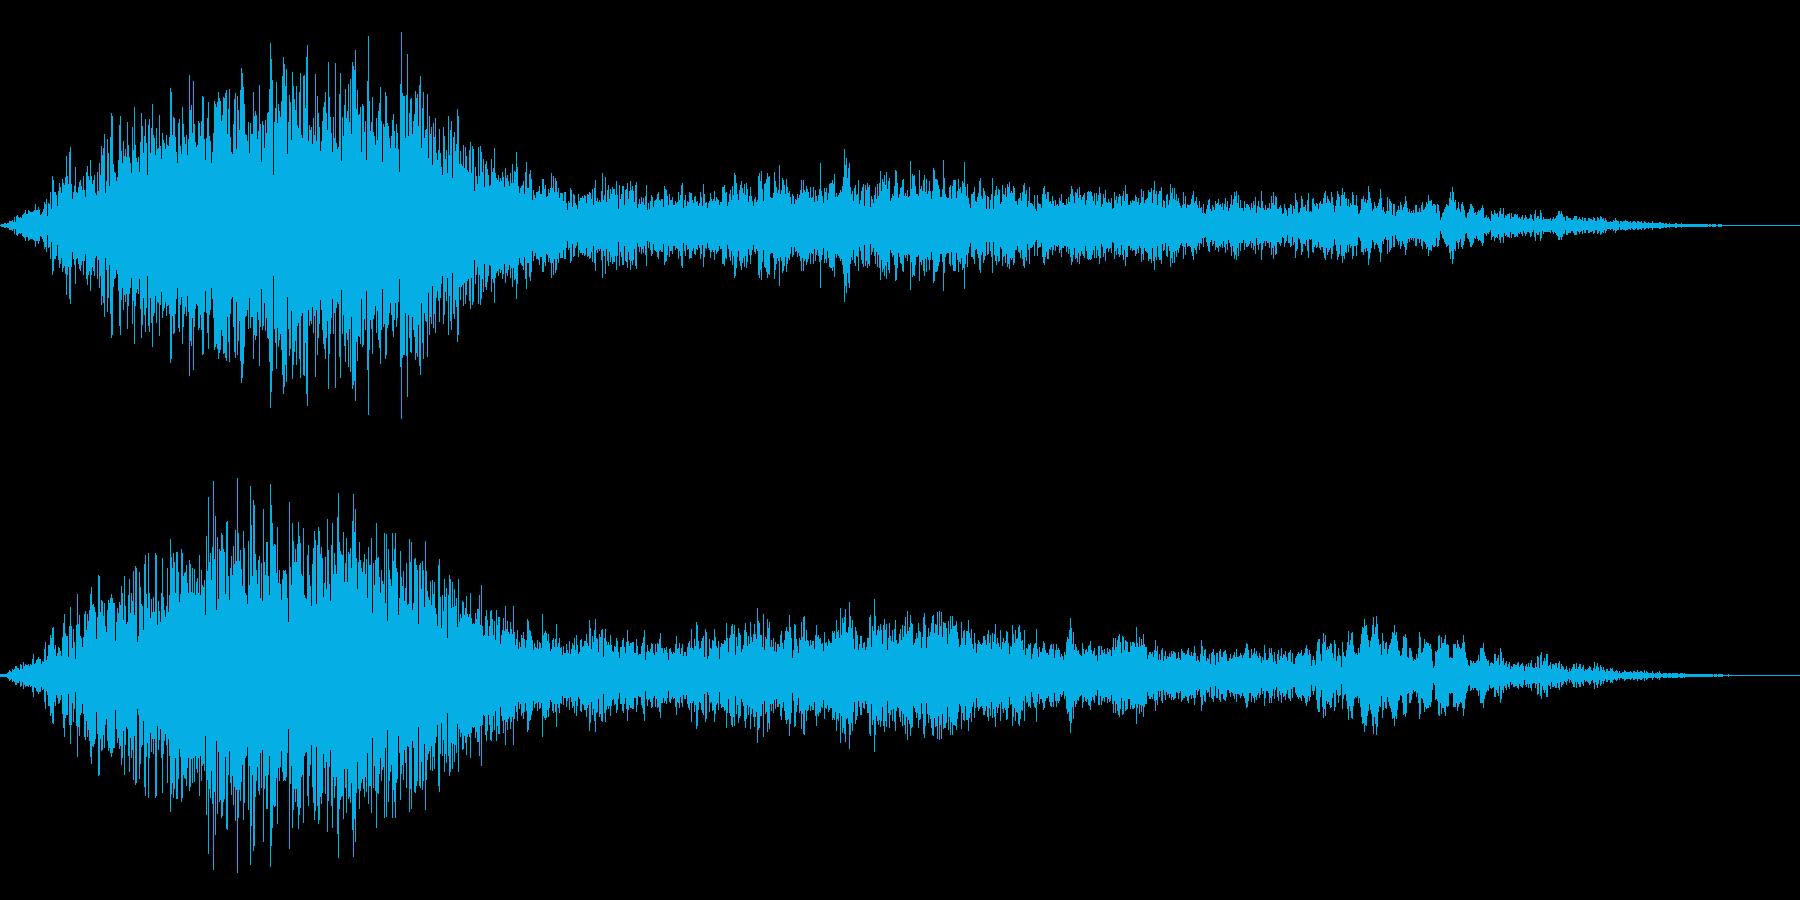 ゾンビのうめき声ウオォォ 尺長めの再生済みの波形